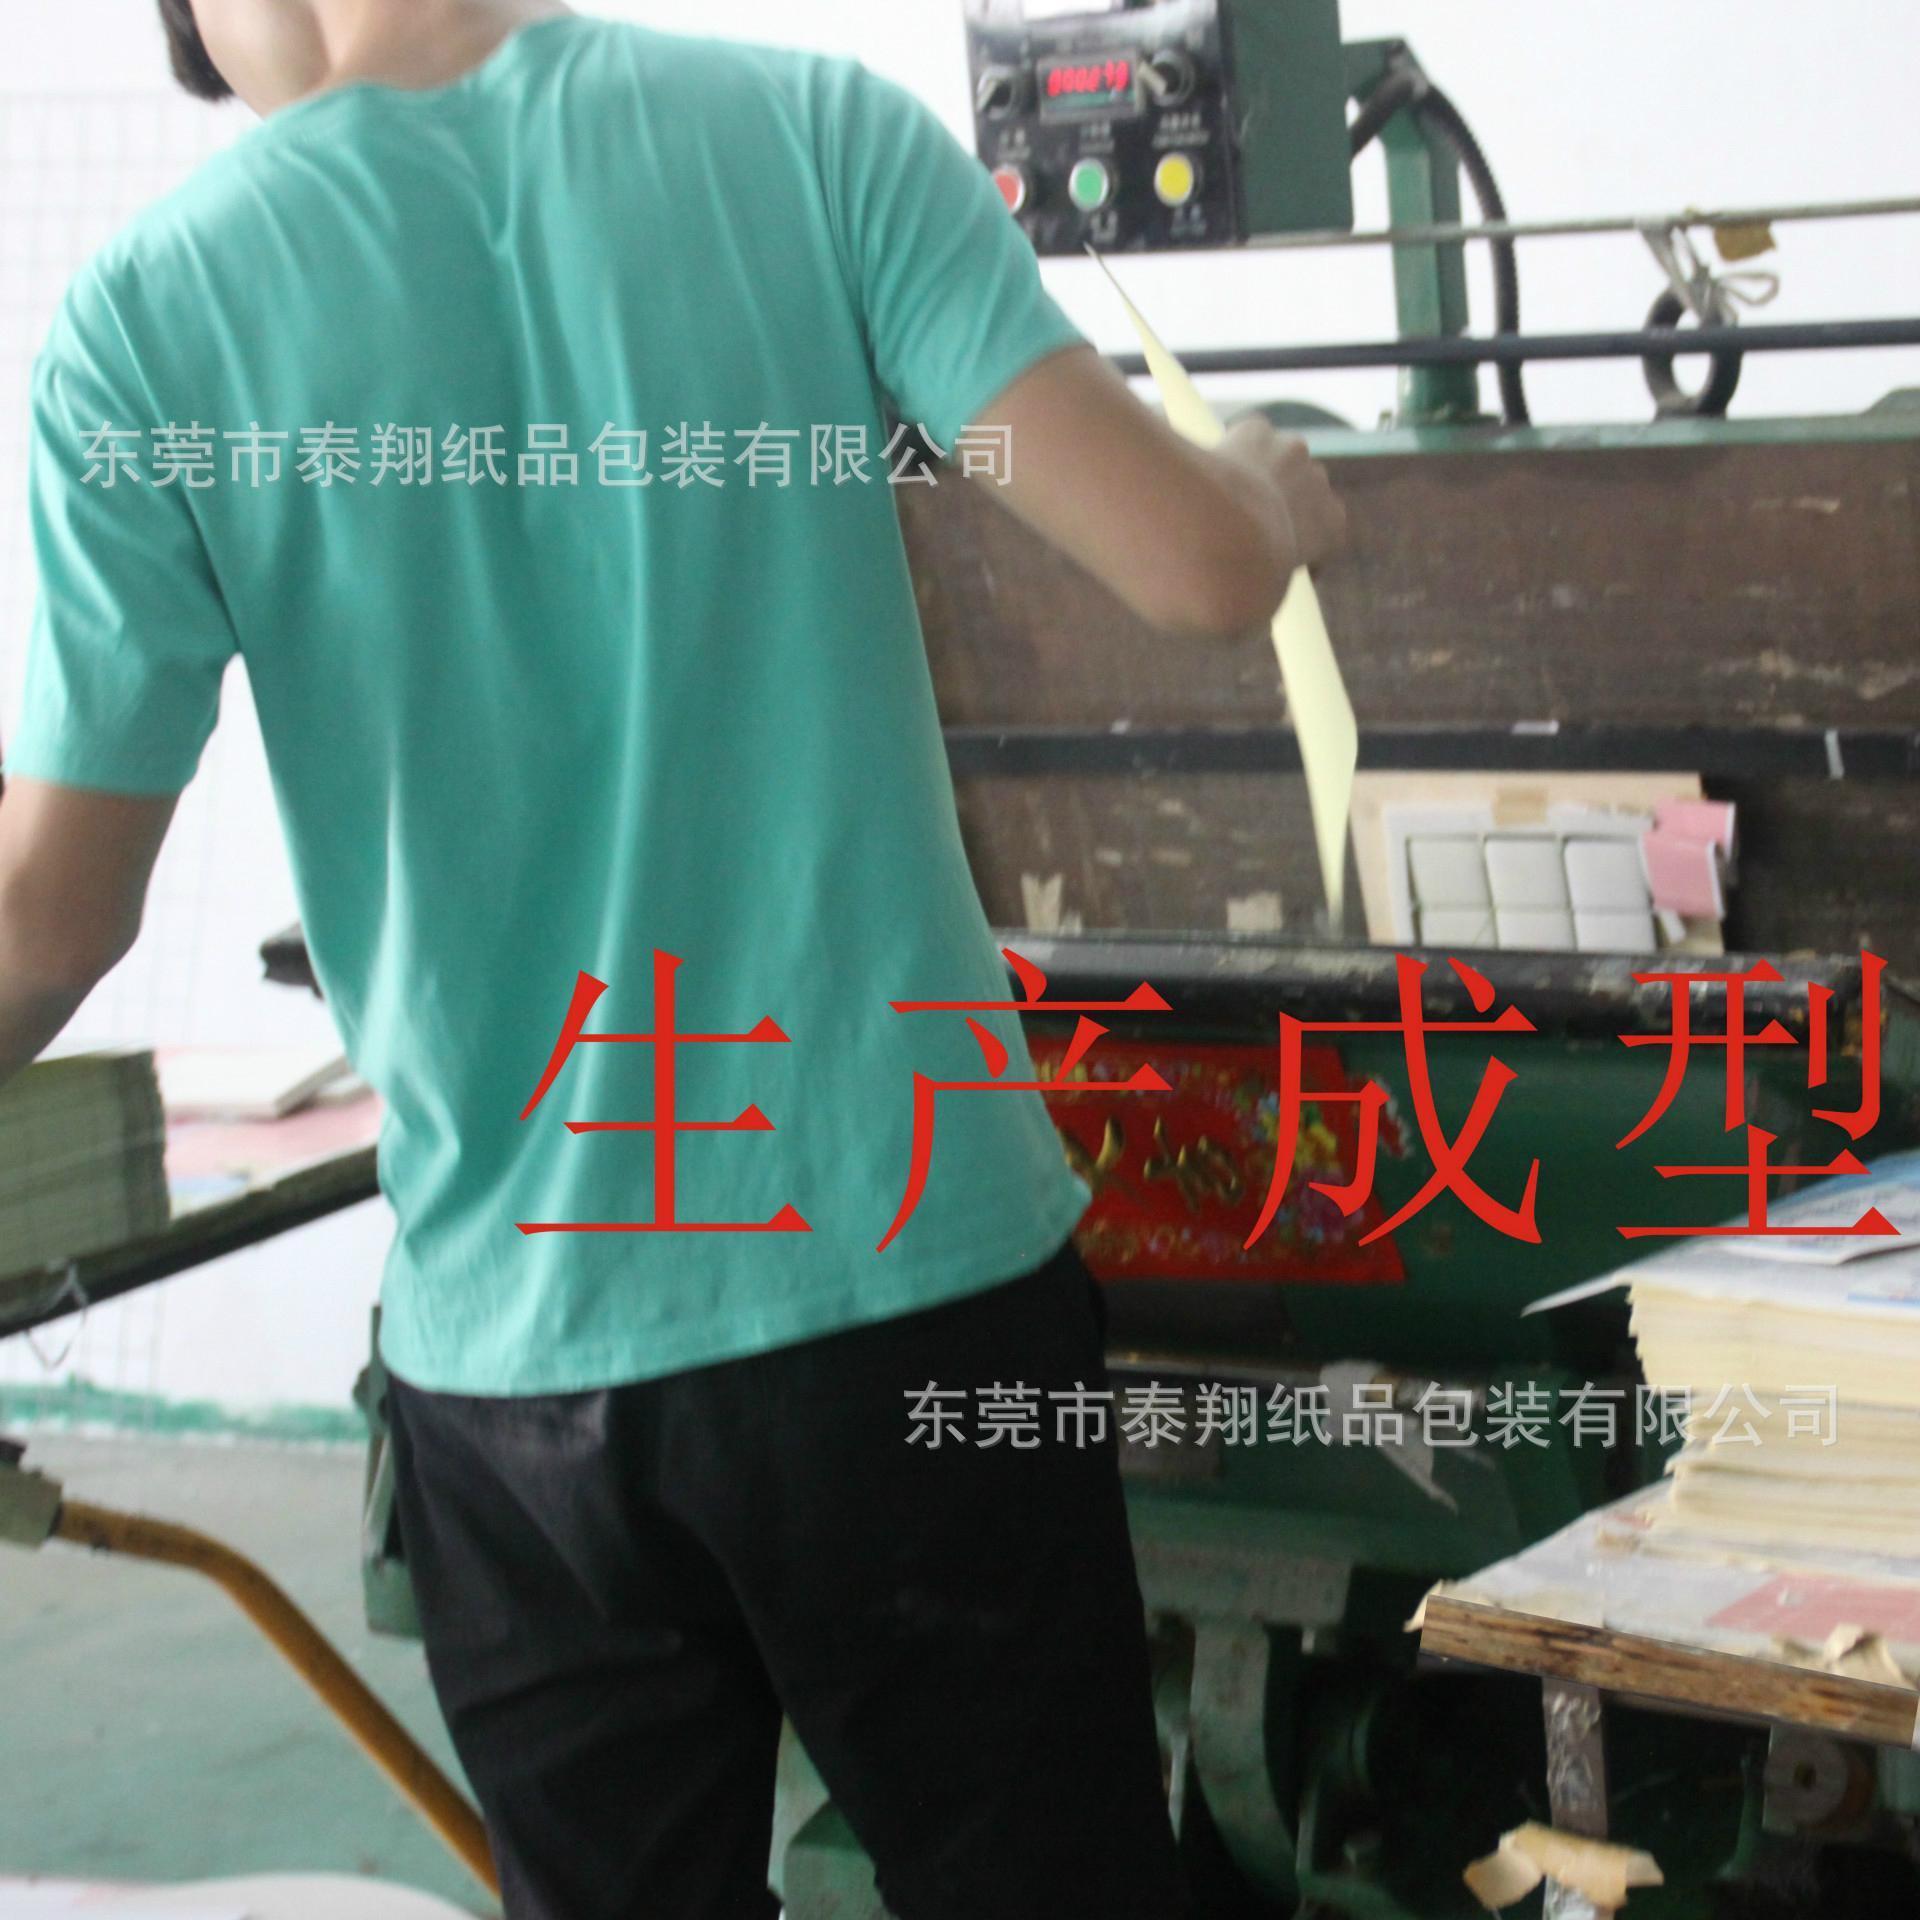 紙工藝品 5